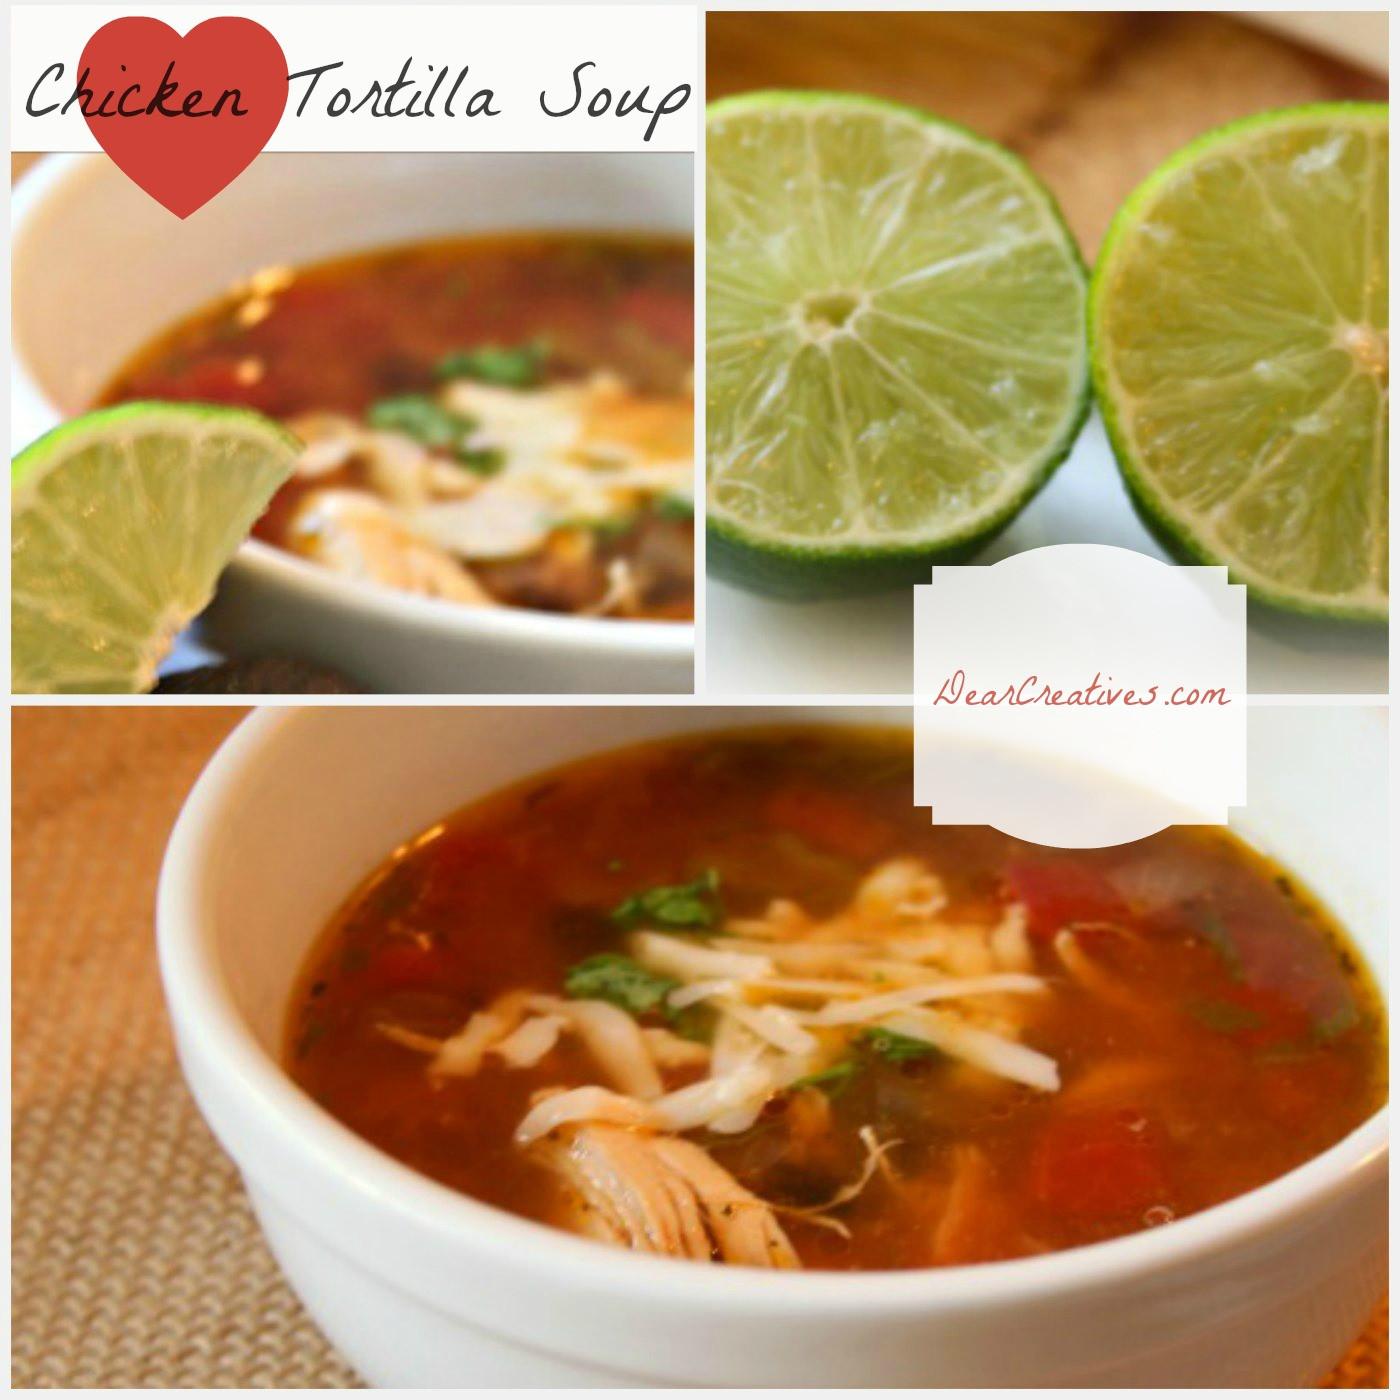 Chicken Tortilla Soup Easy  Our Favorite Chicken Tortilla Soup Recipe Dear Creatives